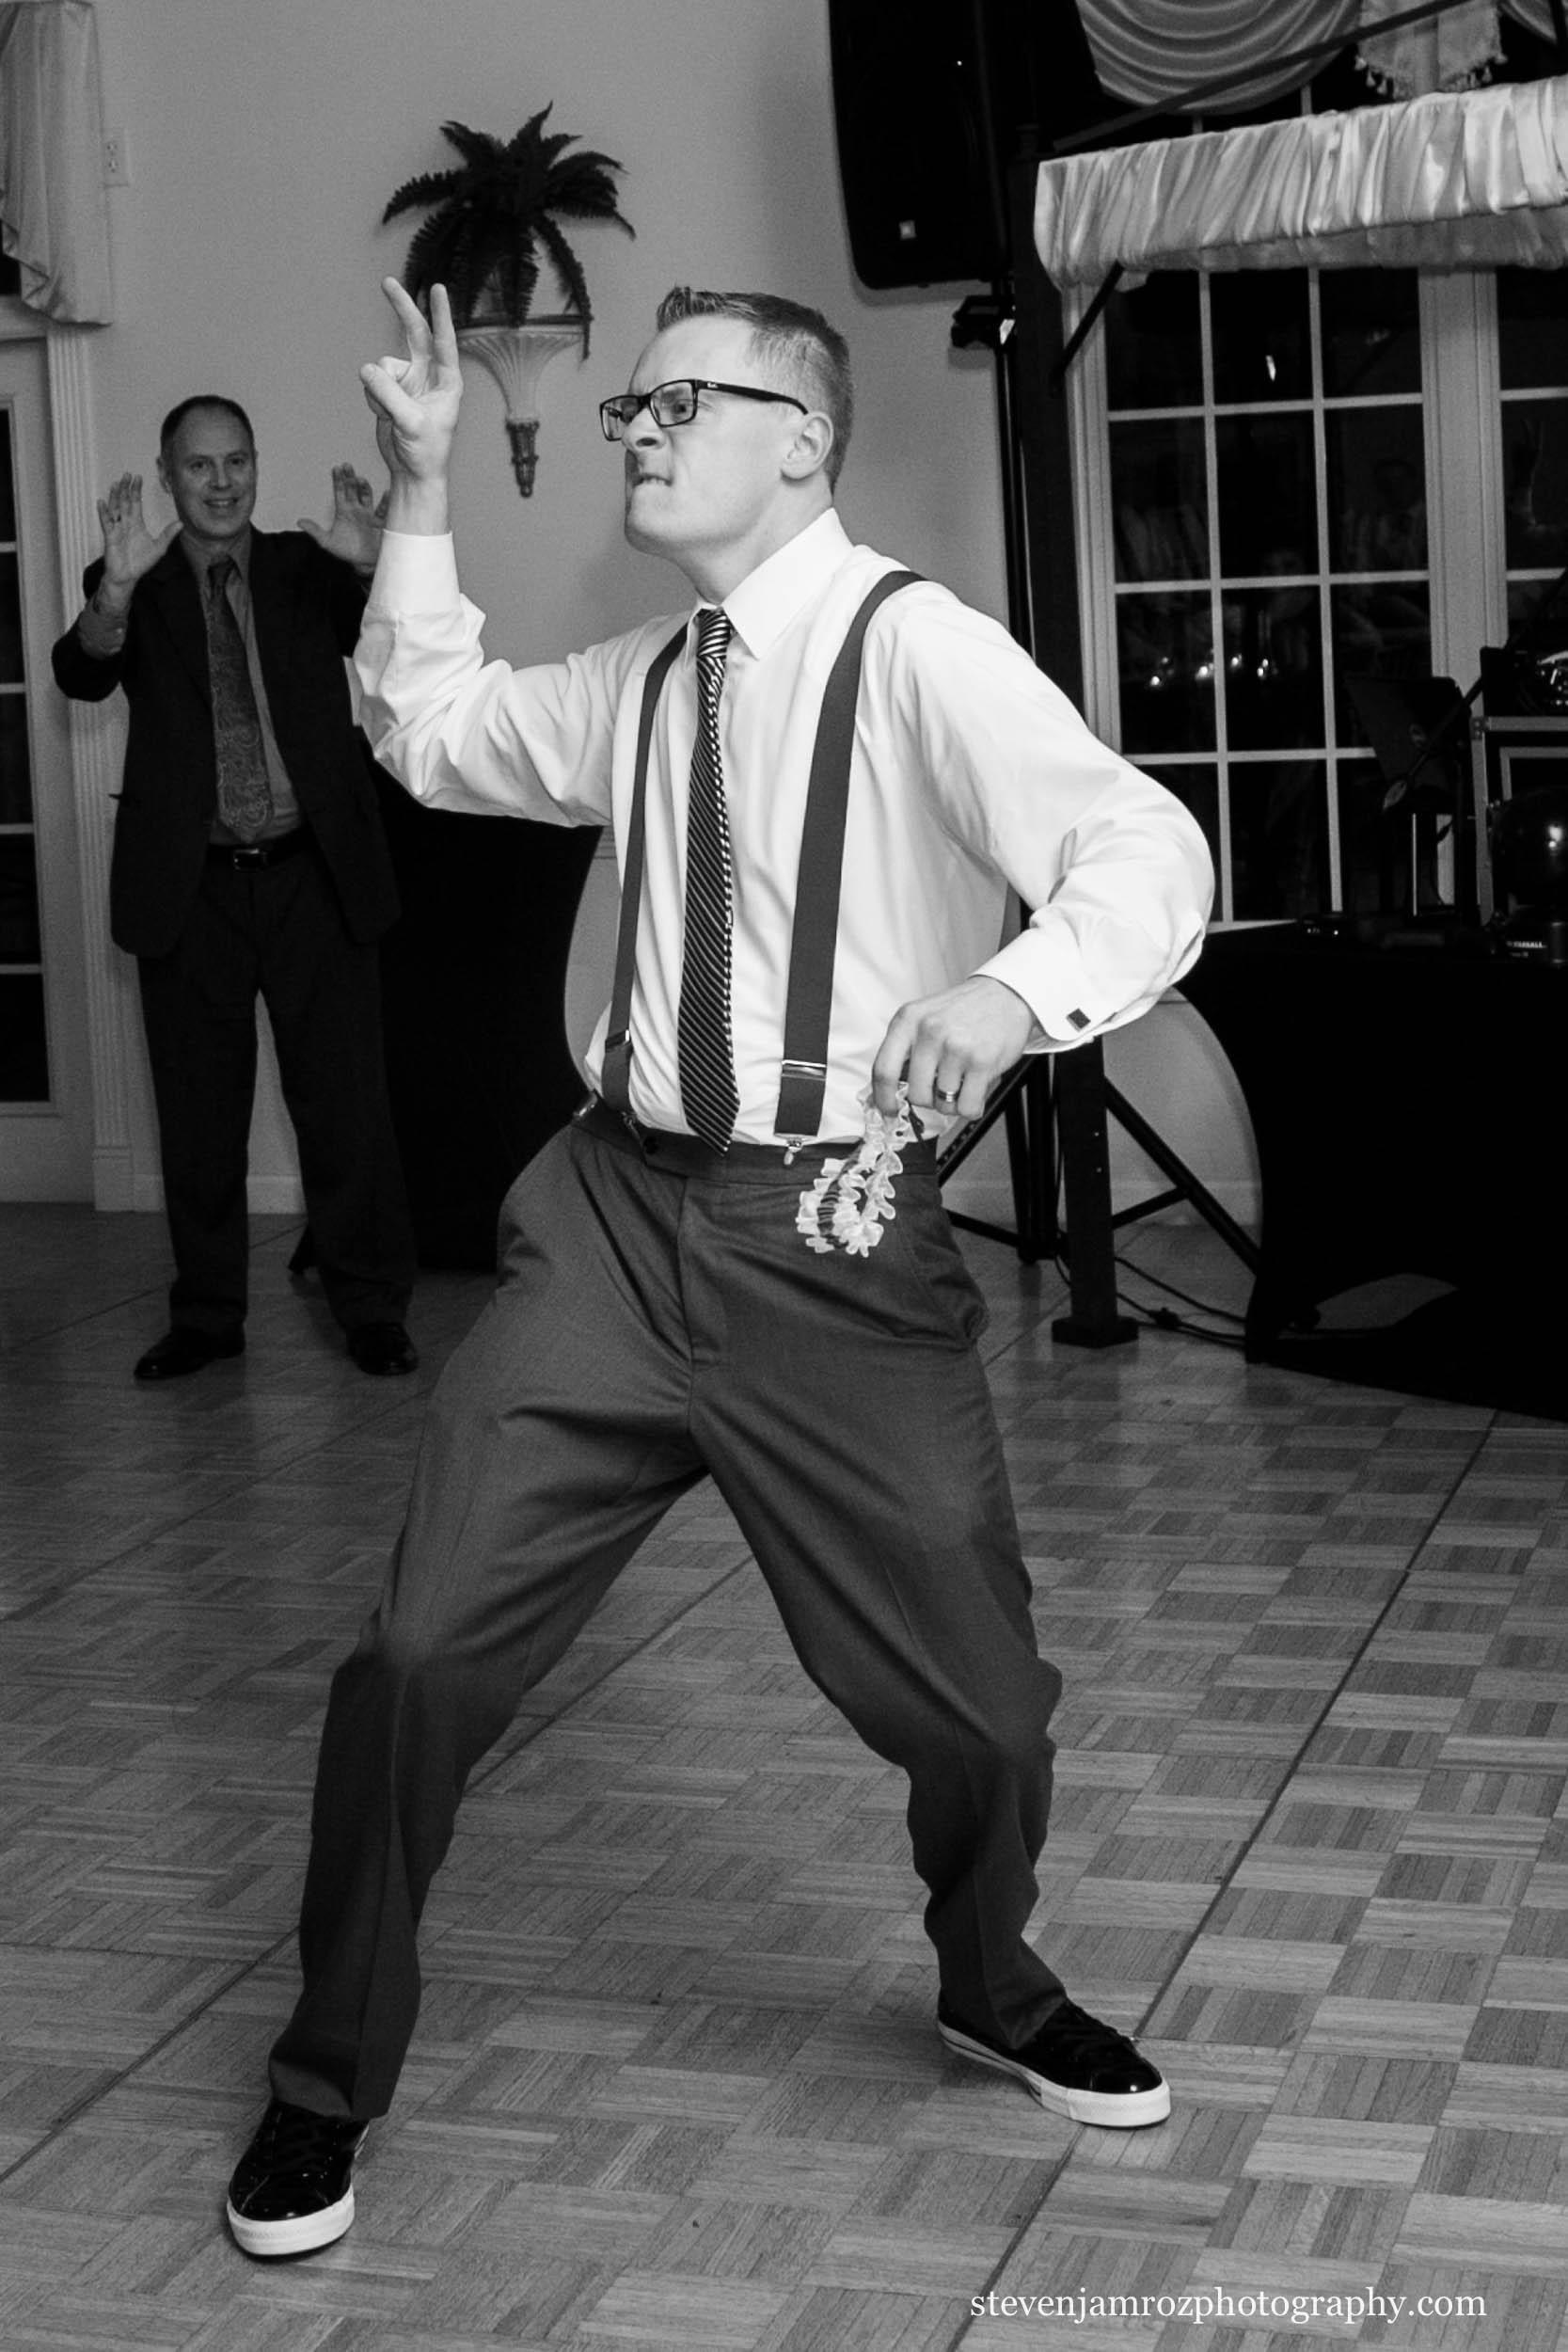 groom-vans-sneakers-dancing-durham-steven-jamroz-photography-0251.jpg